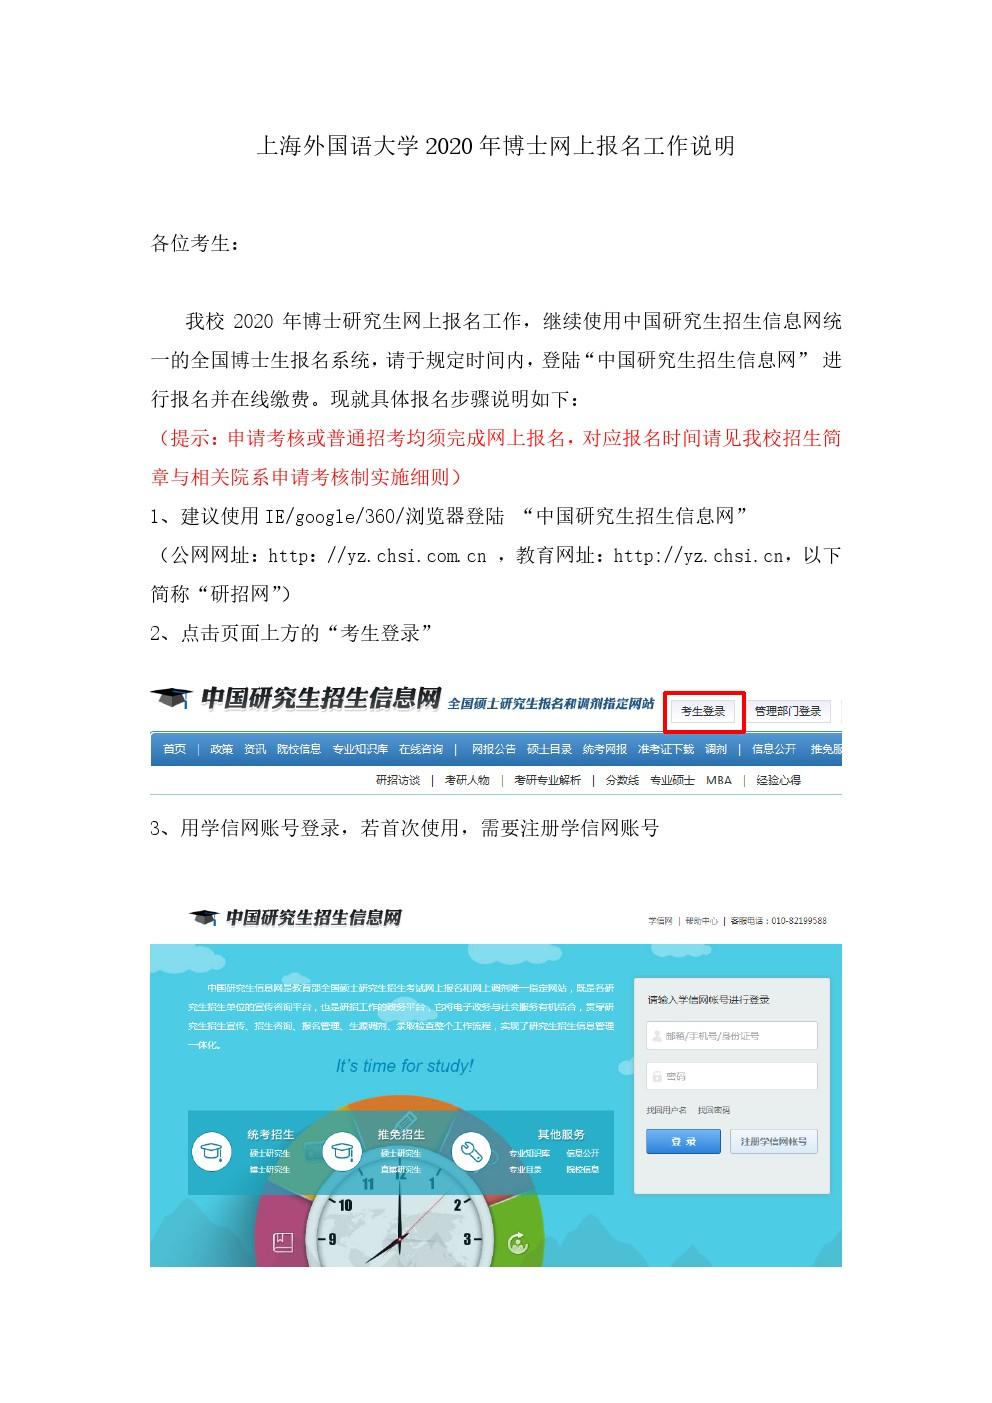 上海外国语大学2020年博士招生网上报名指南工作说明